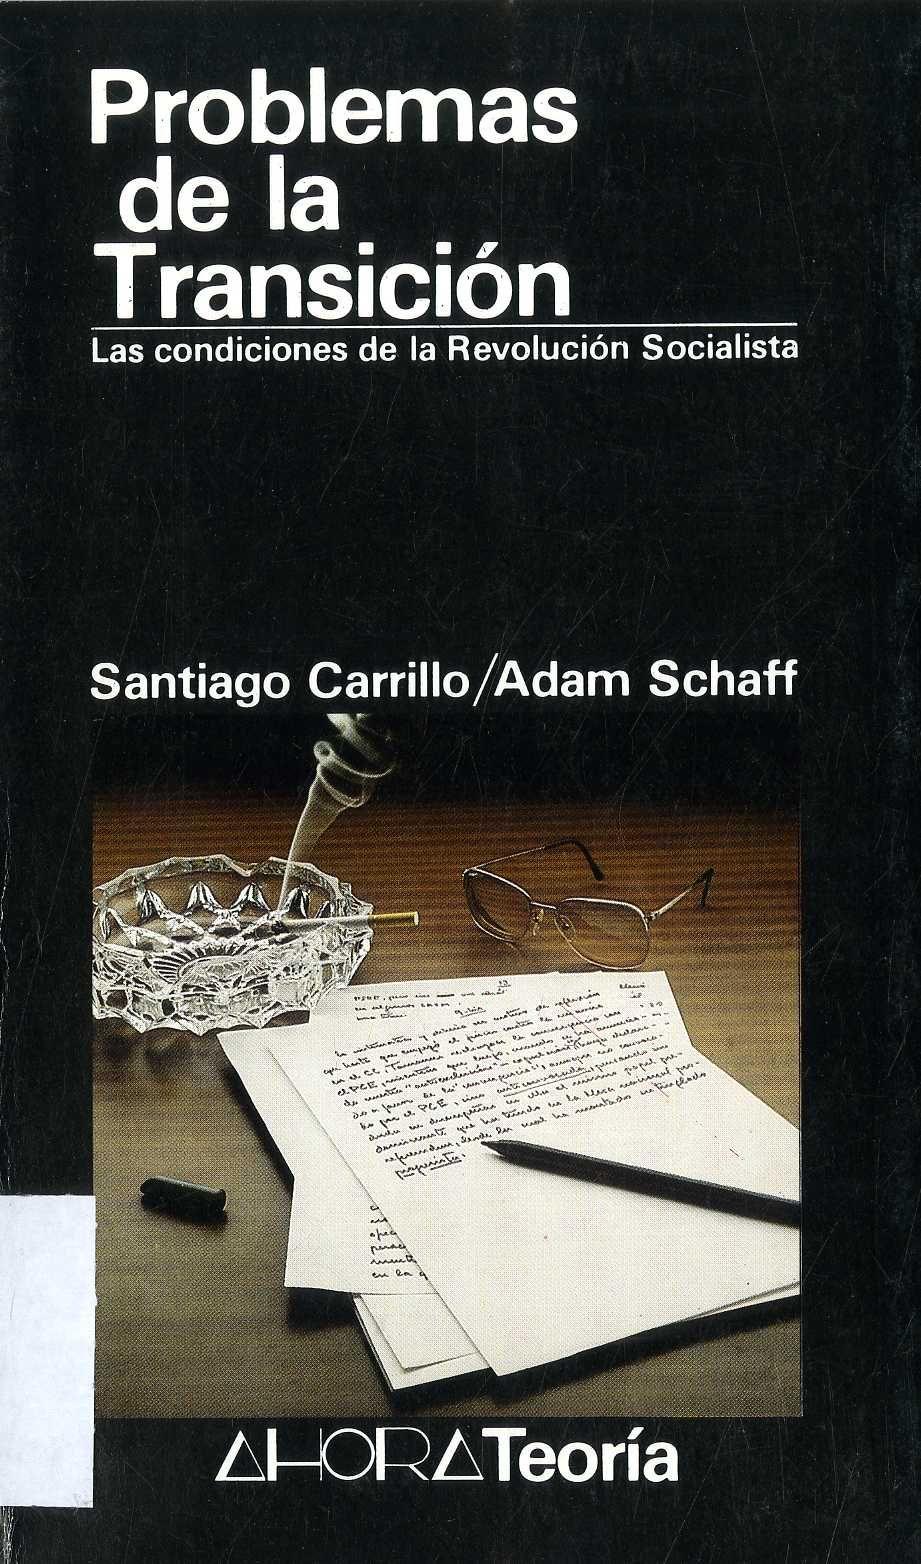 Carrillo, Santiago (1915-2012) Problemas de la transición : las condiciones de la revolución socialista / [Santiago Carrillo, Adam Schaff]. -- Madrid : Ahora, [1985]. 150 p. ; 20 cm. -- (Ahora teoría ; 1). D. L. M. 18587-1985. -- ISBN 84-86447-00-3.